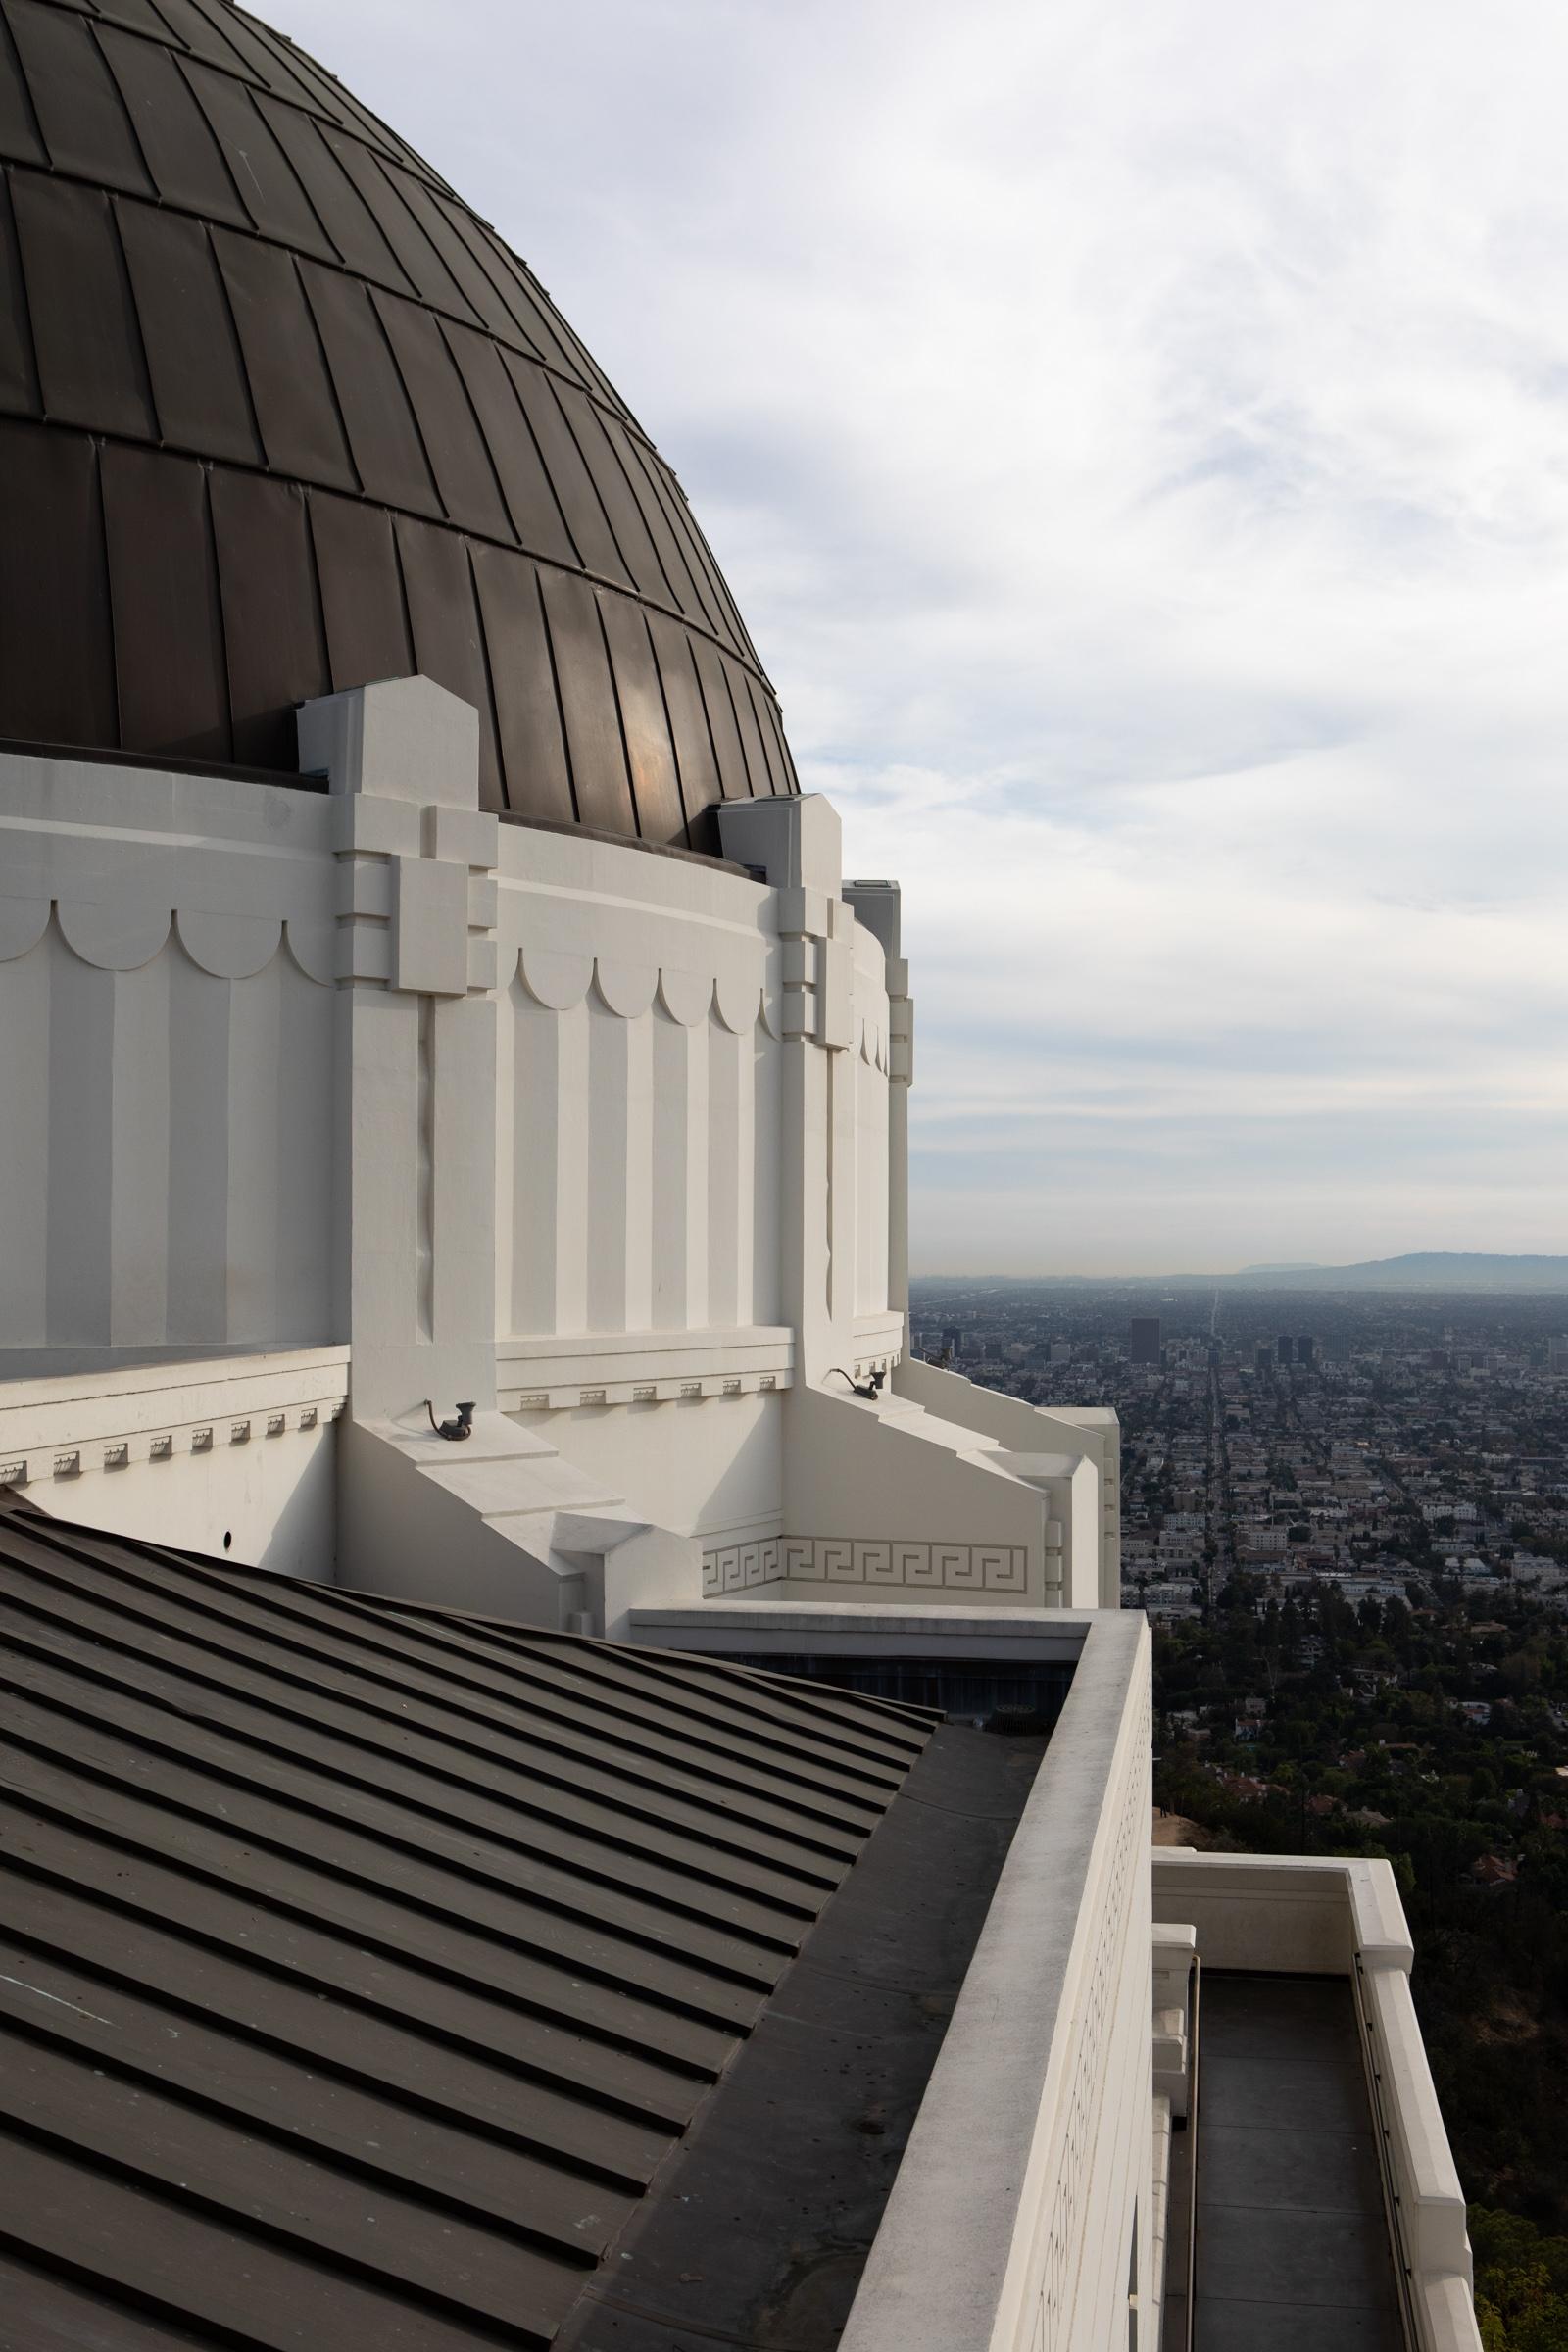 Planetarium, Griffith Observato - odouglas | ello